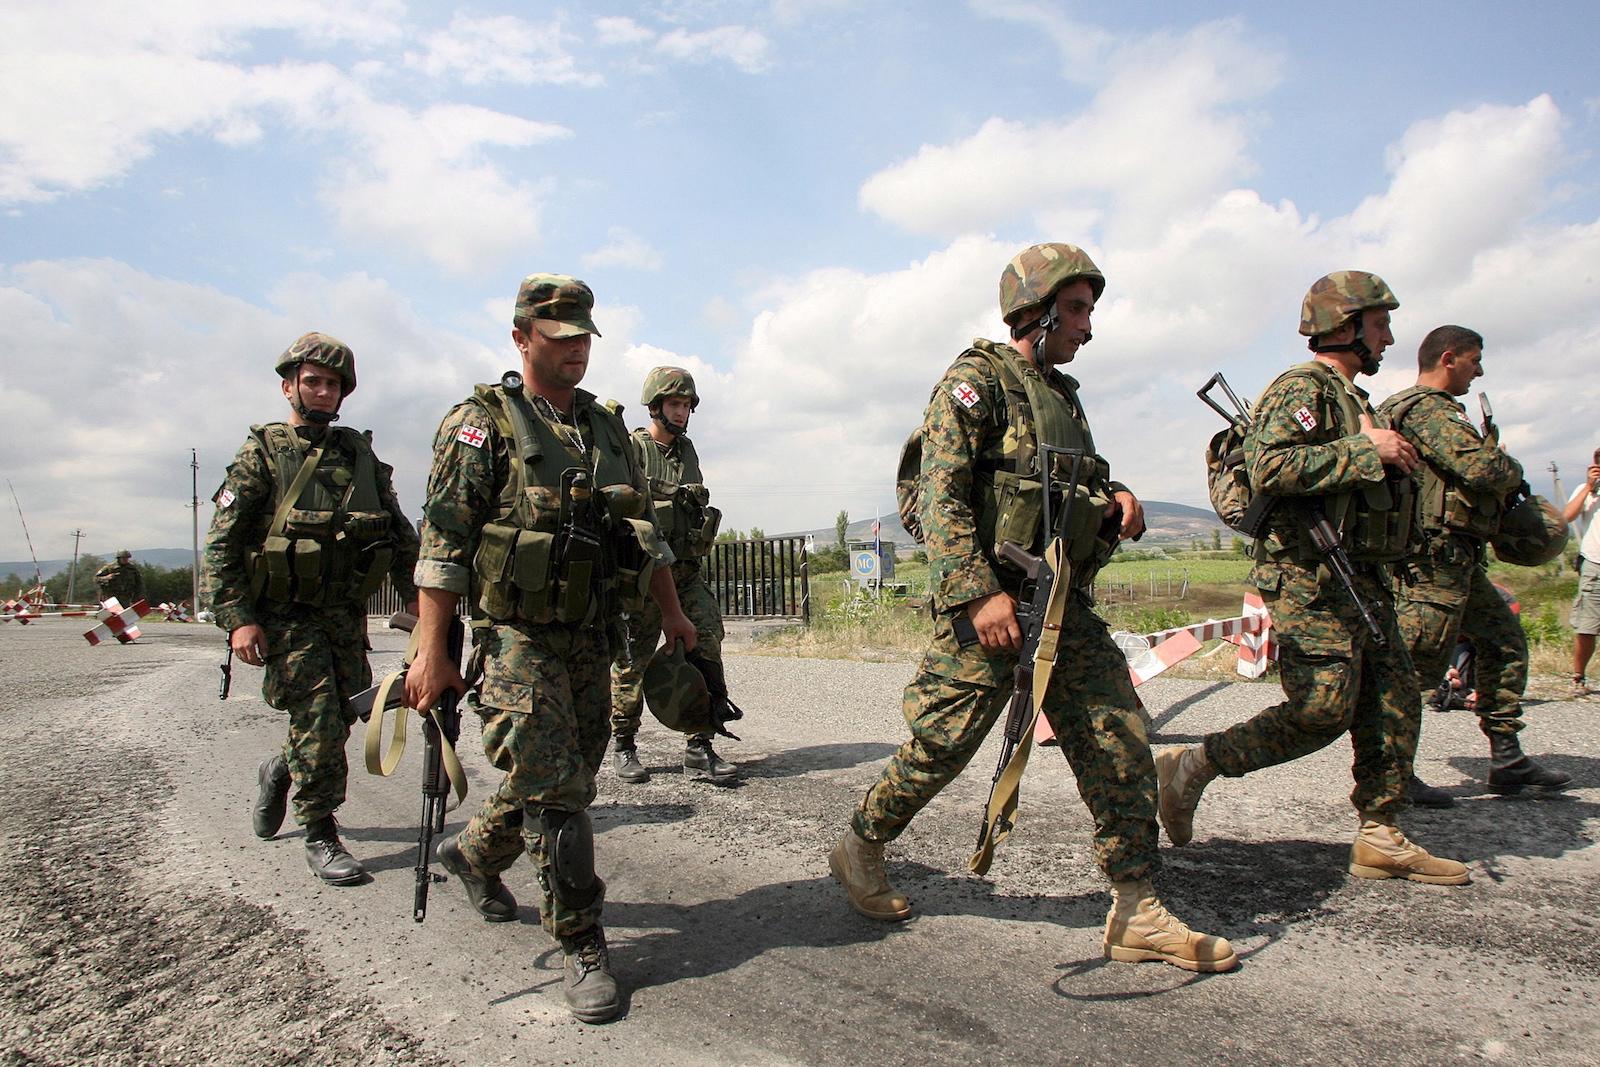 ქართველი ჯარისკაცები ცხინვალის გზაზე. 08.08.08 © EPA/ZURAB KURTSIKIDZE